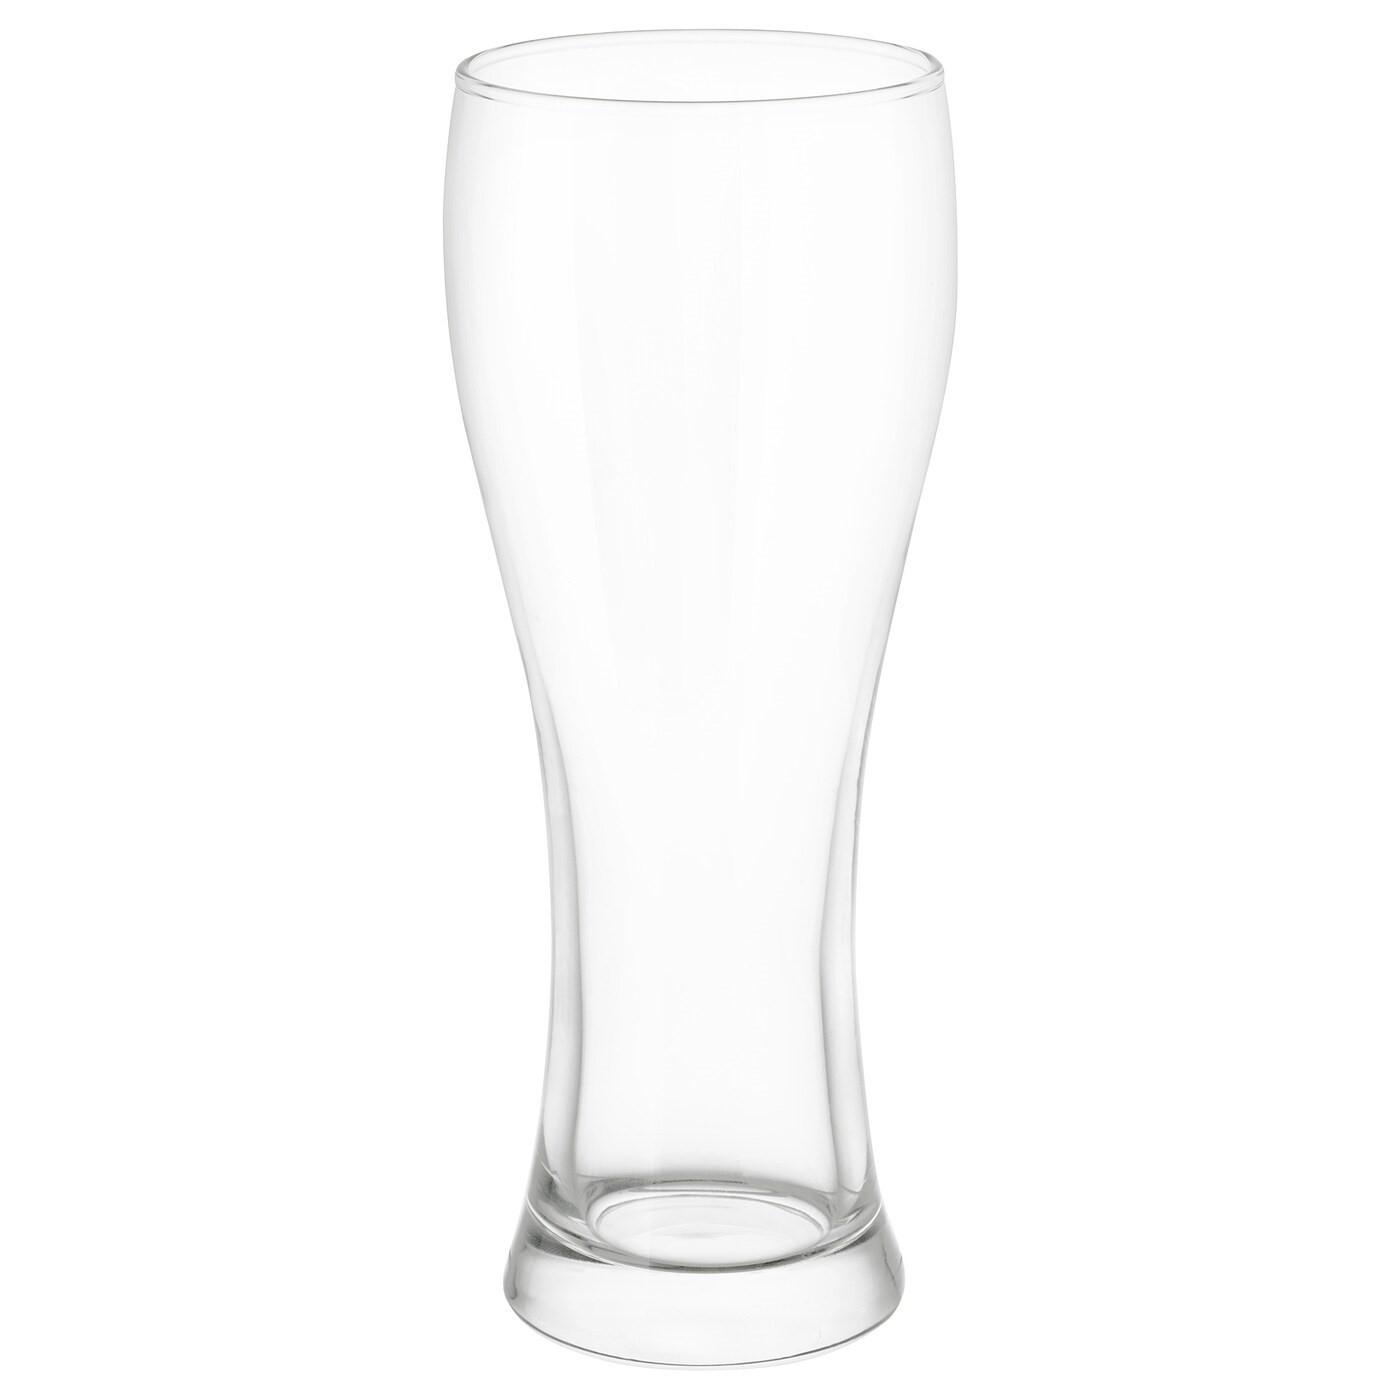 IKEA ОЭНВЕНД Пивной бокал, прозрачное стекло, 63 сл 702.093.36